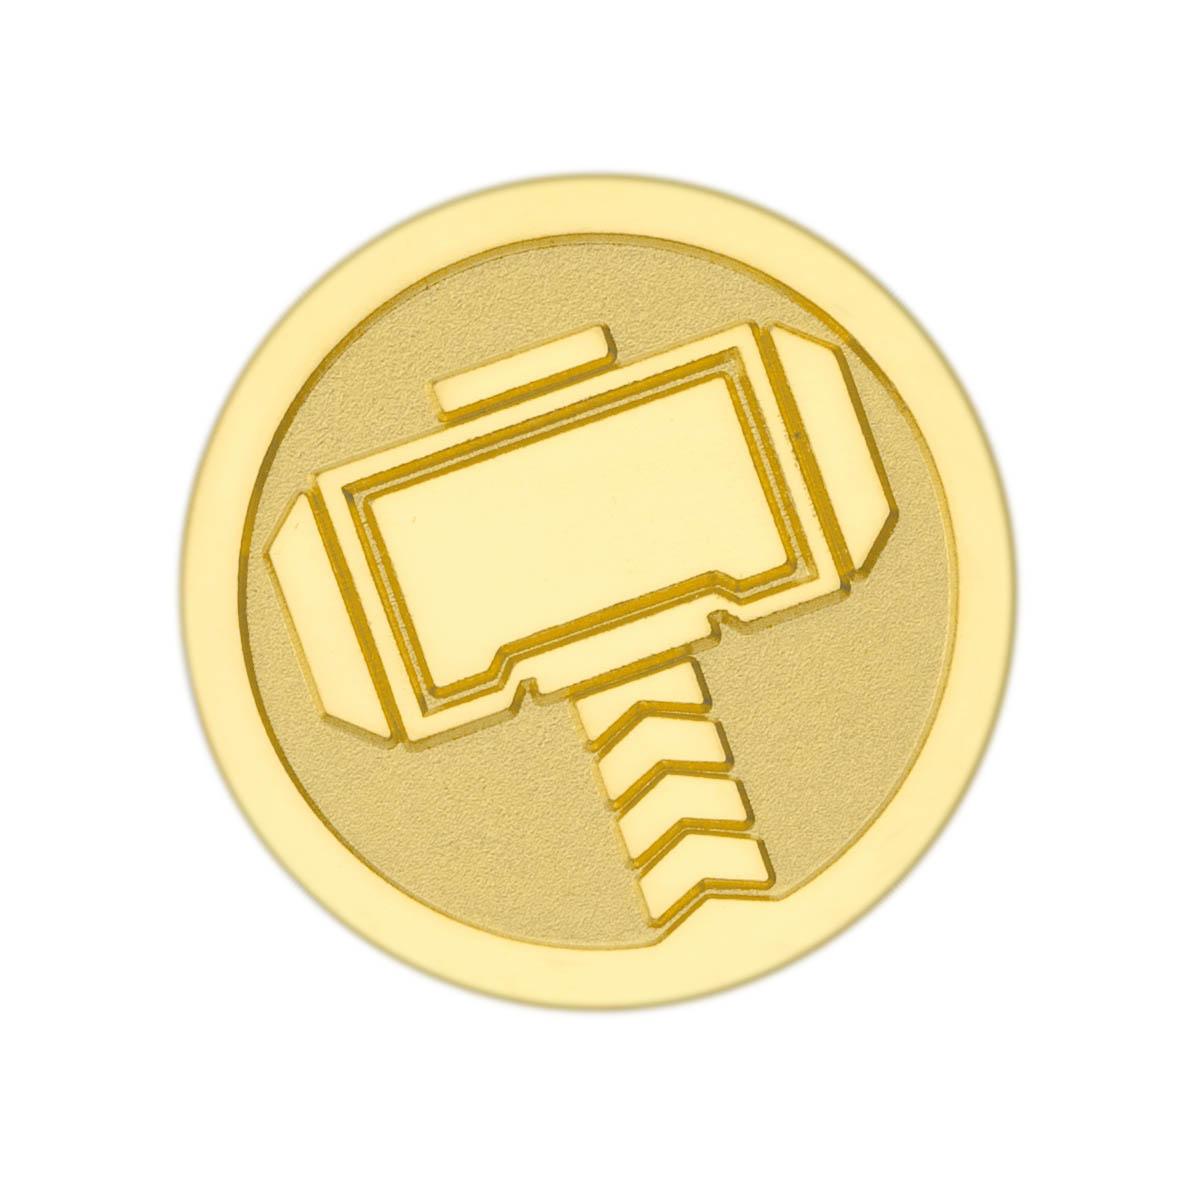 映画『アベンジャーズ/エンドゲーム』をモチーフにしたフレーム付き純金メダル